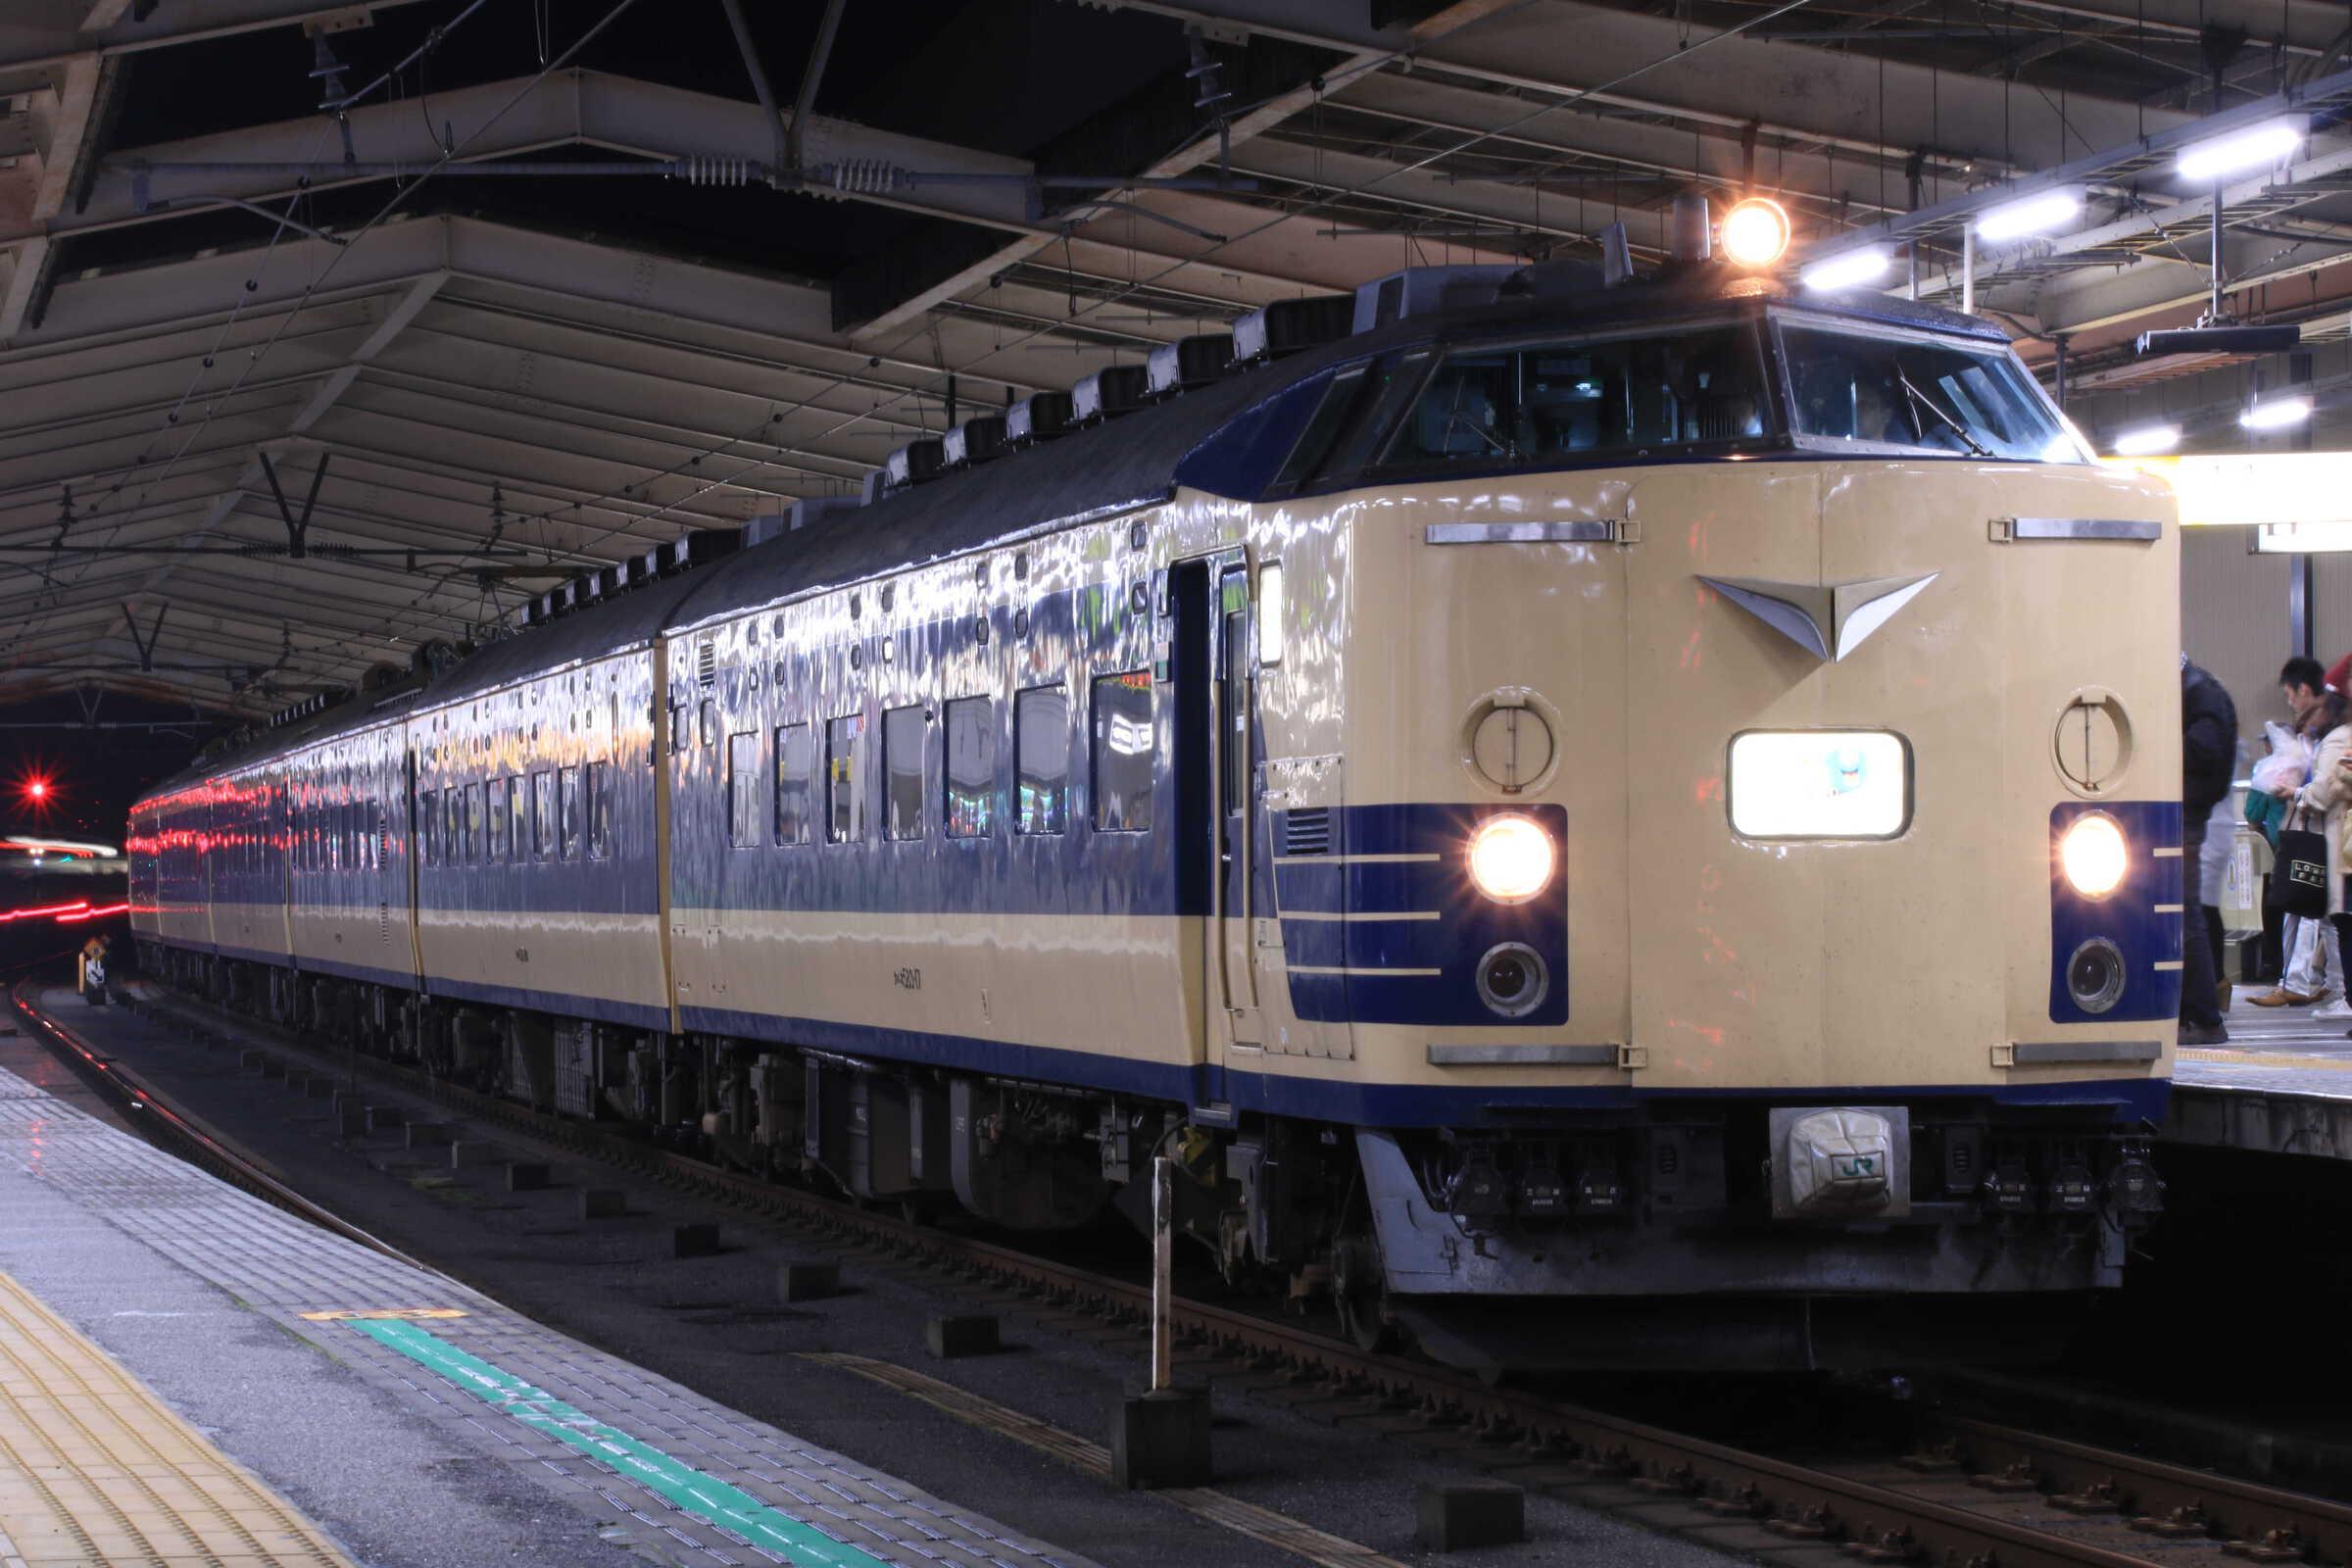 9746M 団臨(秋1102, 東京(舞浜)→青森) わくわくドリーム号 583系 秋アキN1+N2編成